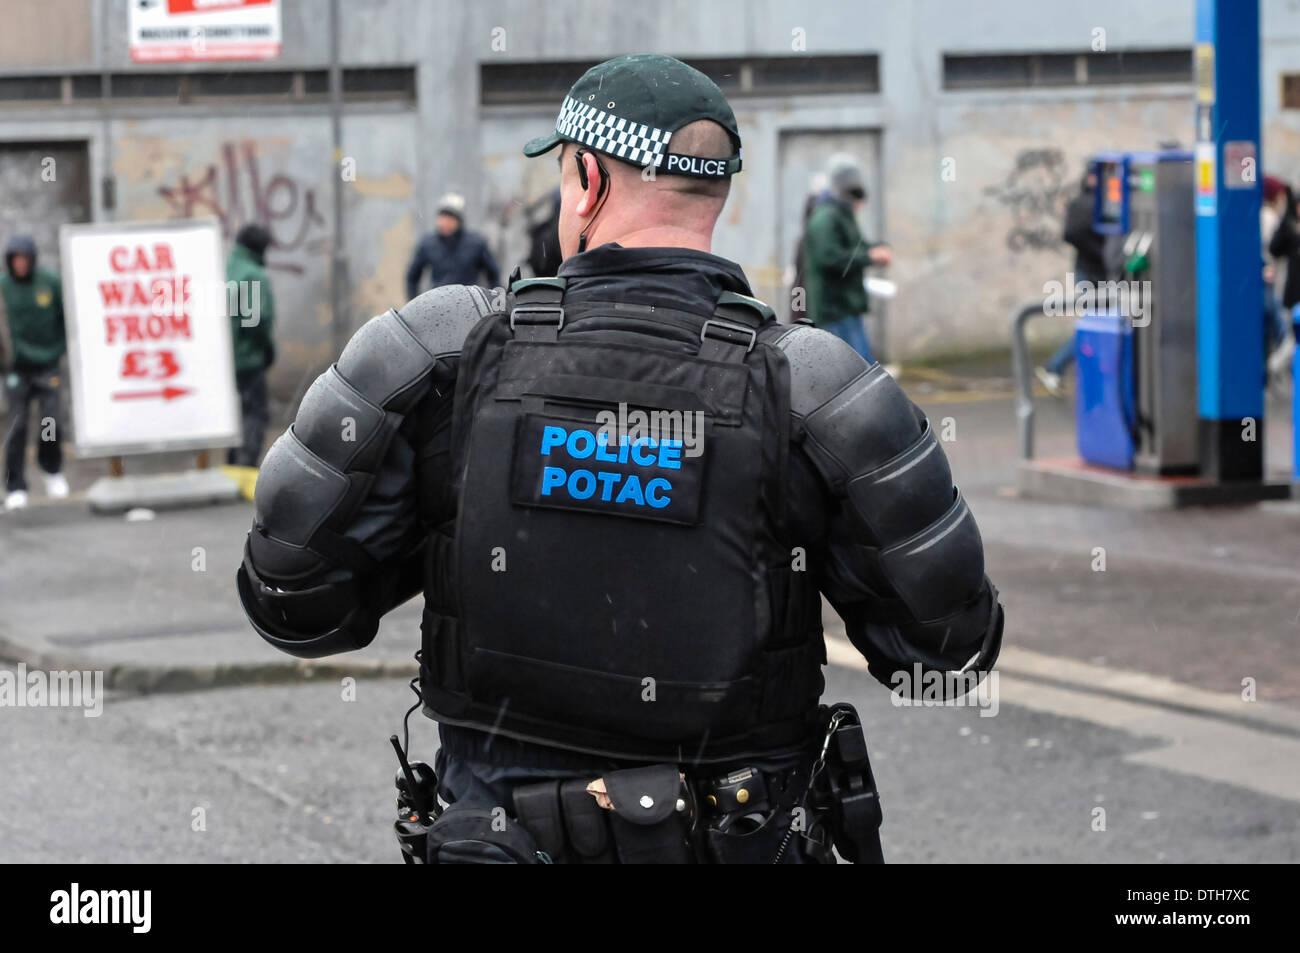 Il servizio di polizia dell'Irlanda del Nord PSNI Ordine pubblico Tactical Advisor (POTAC) indossare abbigliamento protettivo Immagini Stock